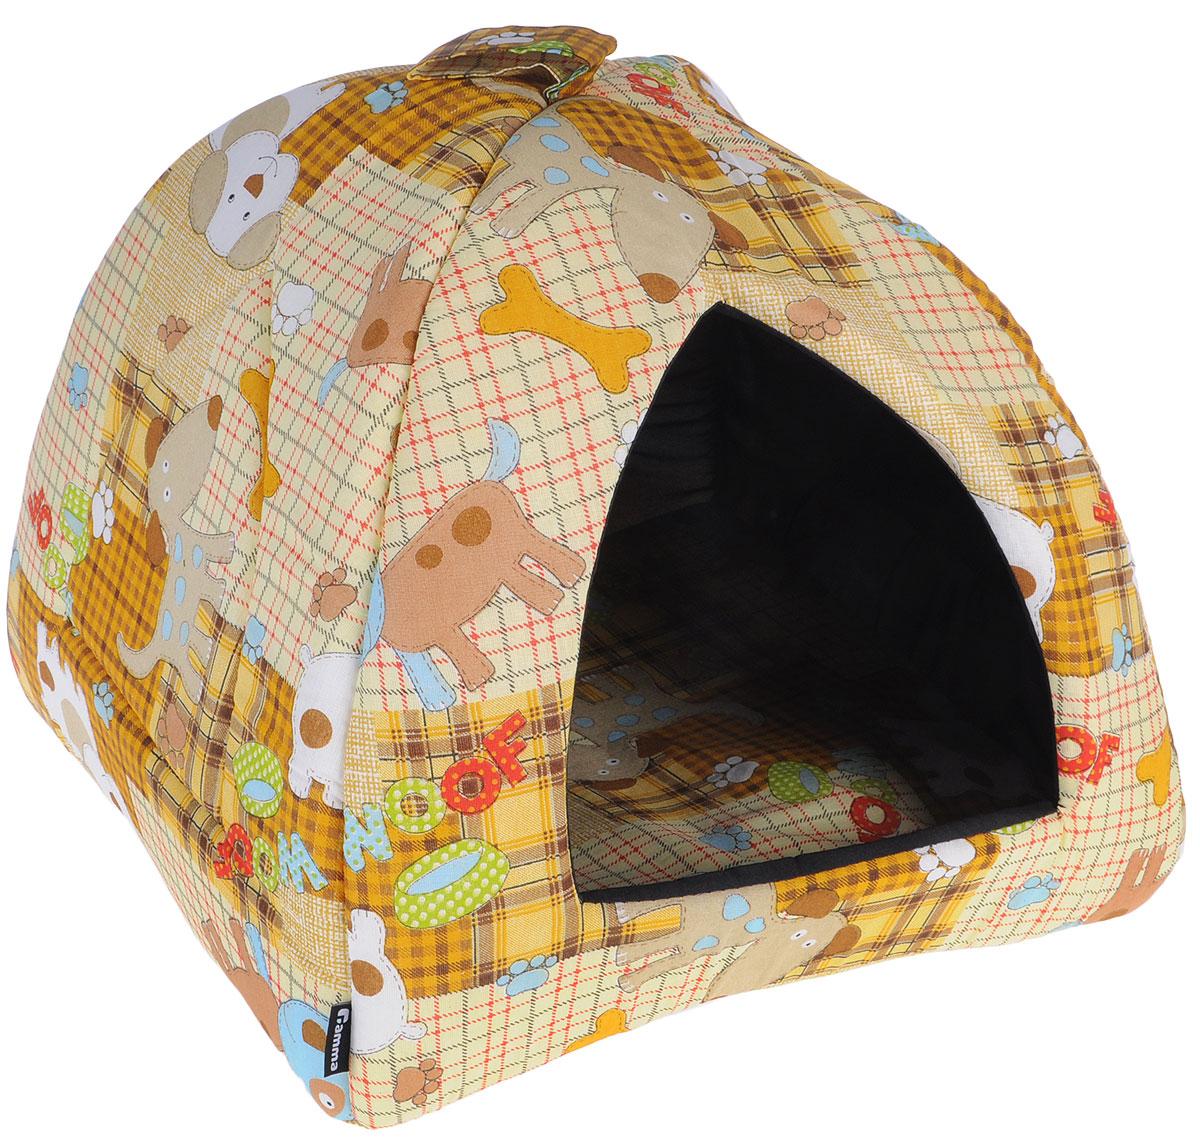 Домик для кошек и собак Гамма, цвет: бежевый, коричневый, 40 см х 40 см х 43 смДг-06000 бежевый, собакиДомик для кошек и собак Гамма обязательно понравится вашему питомцу. Домик предназначен для собак мелких пород и кошек. Изготовлен из ткани, внутри - мягкий наполнитель из мебельного поролона. Стежка надежно удерживает наполнитель внутри и не позволяет ему скатываться. Домик очень удобный и уютный, он оснащен мягкой съемной подстилкой из поролона. Ваш любимец сразу же захочет забраться внутрь, там он сможет отдохнуть и спрятаться. Компактные размеры позволят поместить домик, где угодно, а приятная цветовая гамма сделает его оригинальным дополнением к любому интерьеру. Размер подушки: 39 см х 39 см х 2 см, Внутренняя высота домика: 39 см, Толщина стенки: 2 см.